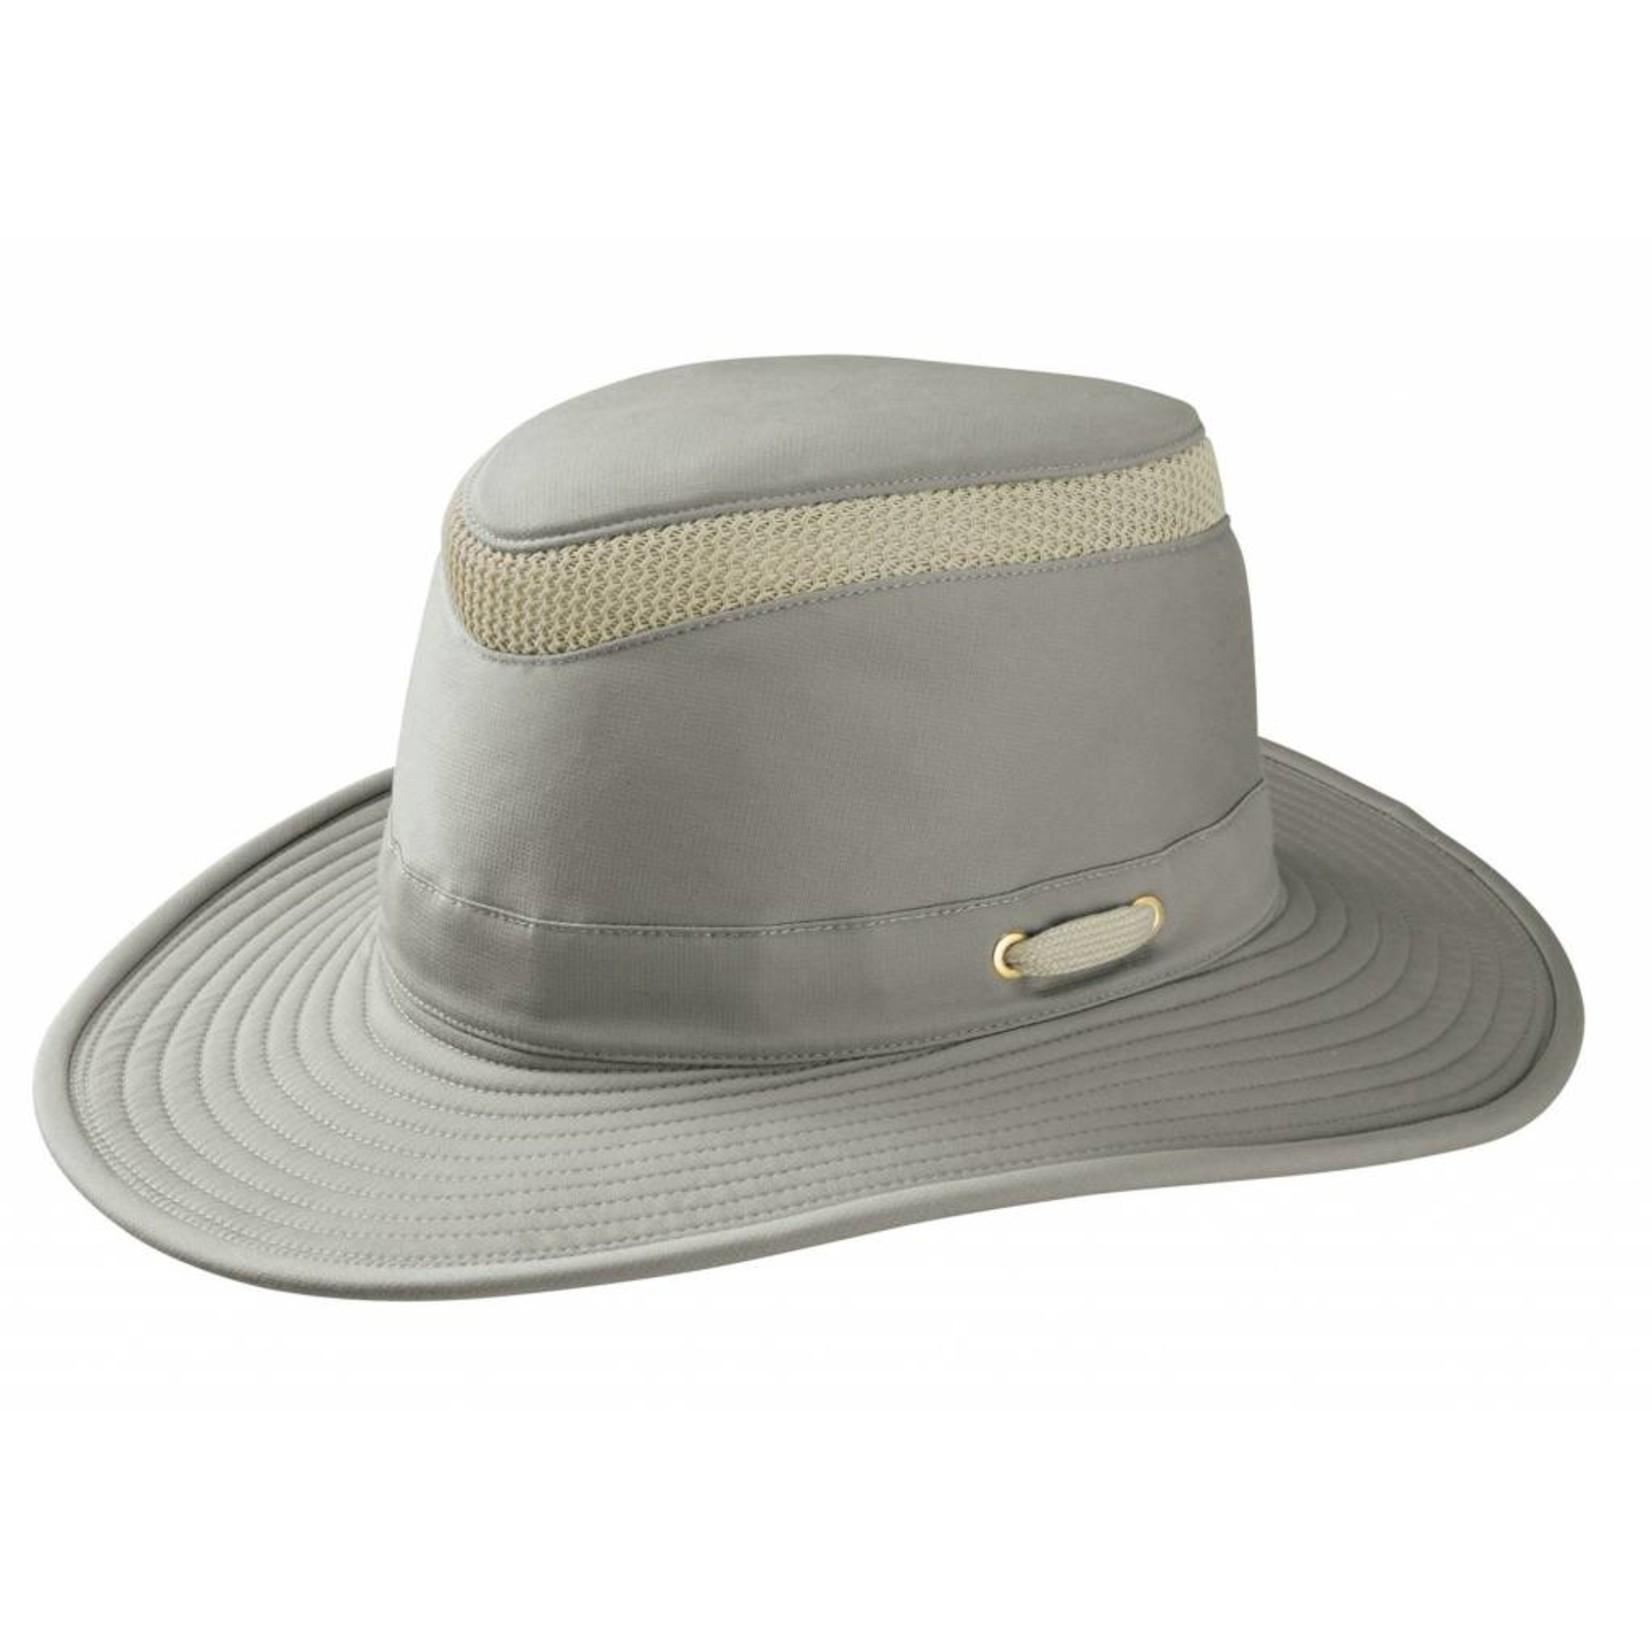 TILLEY ENDURABLES HIKER'S HAT